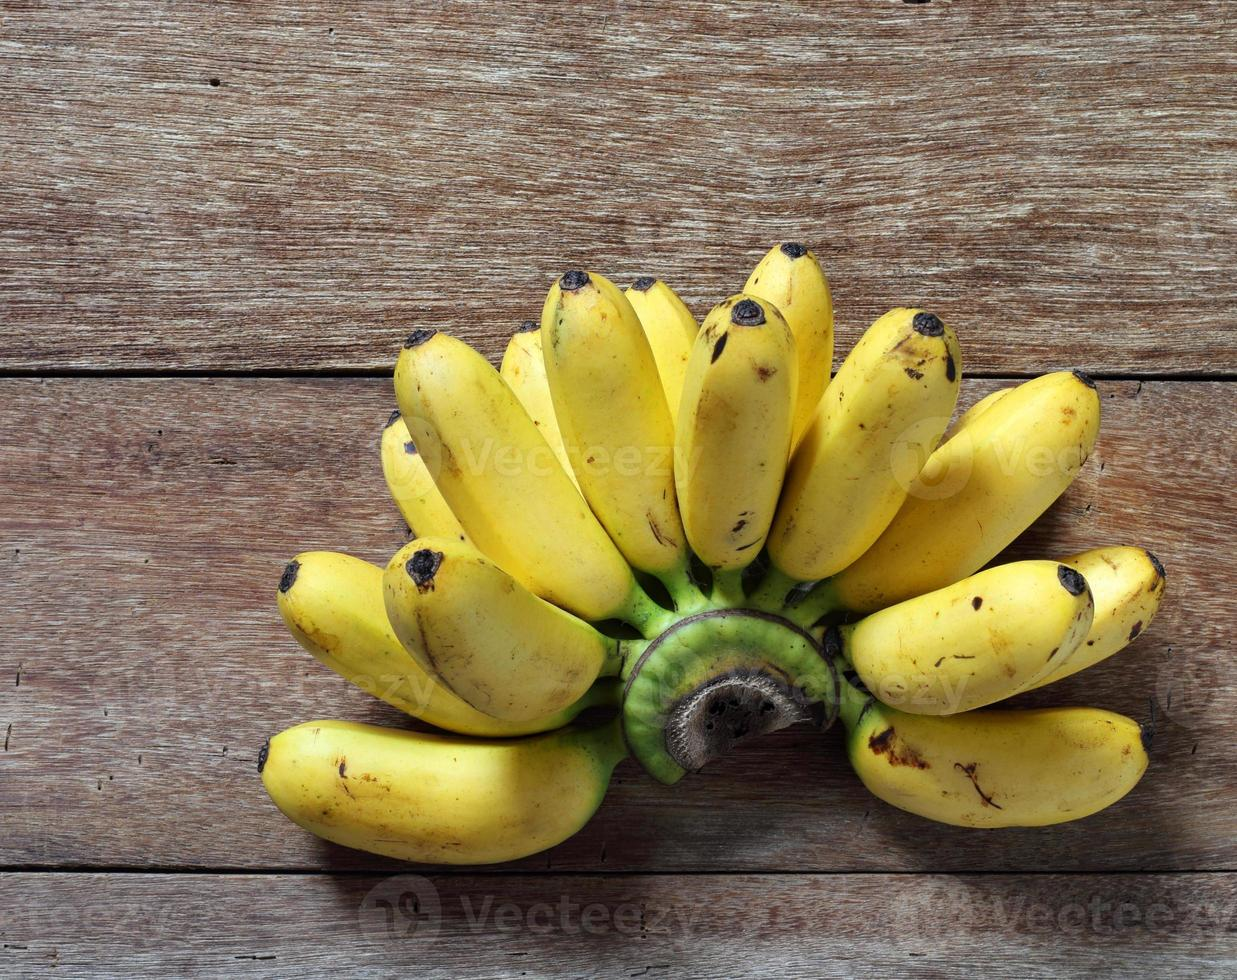 Art von thailändischer Banane foto